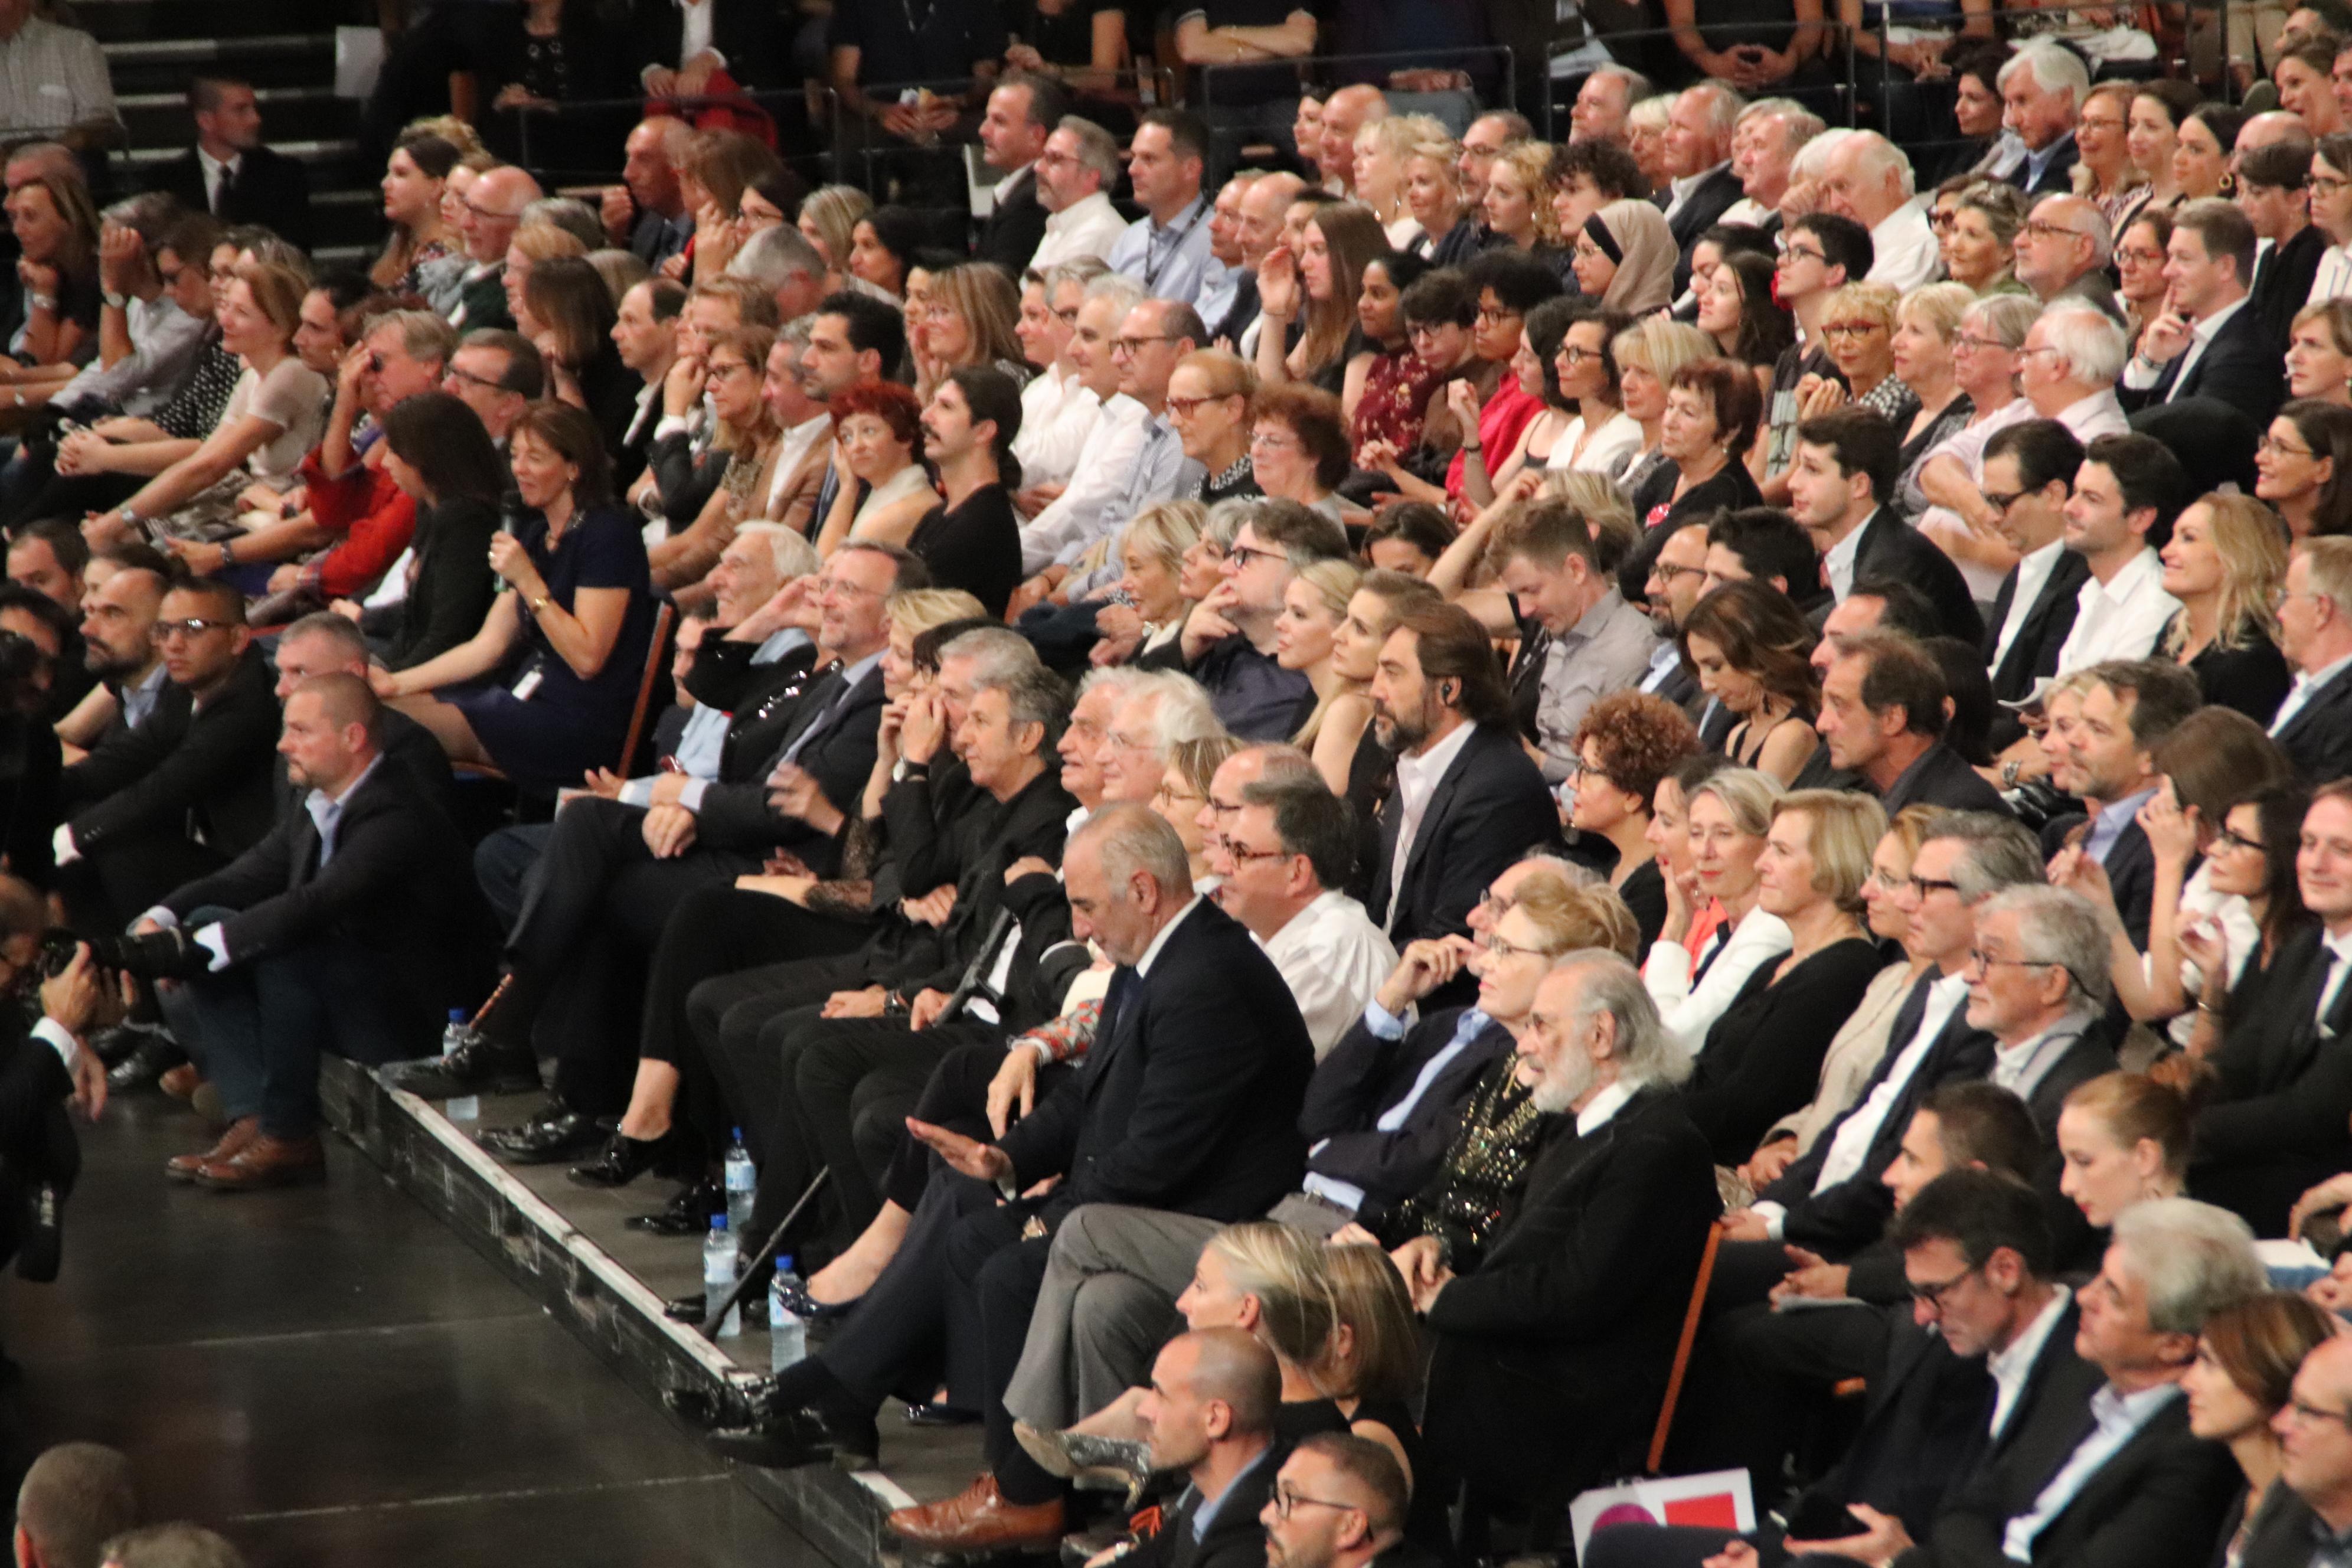 David Kimelfeld, Georges Képénékian et la ministre de la Culture, Françoise Nyssen, étaient entourés de nombreuses stars du grand écran pour l'ouverture du festival Lumière 2018, à la halle Tony-Garnier © Flora Chaduc